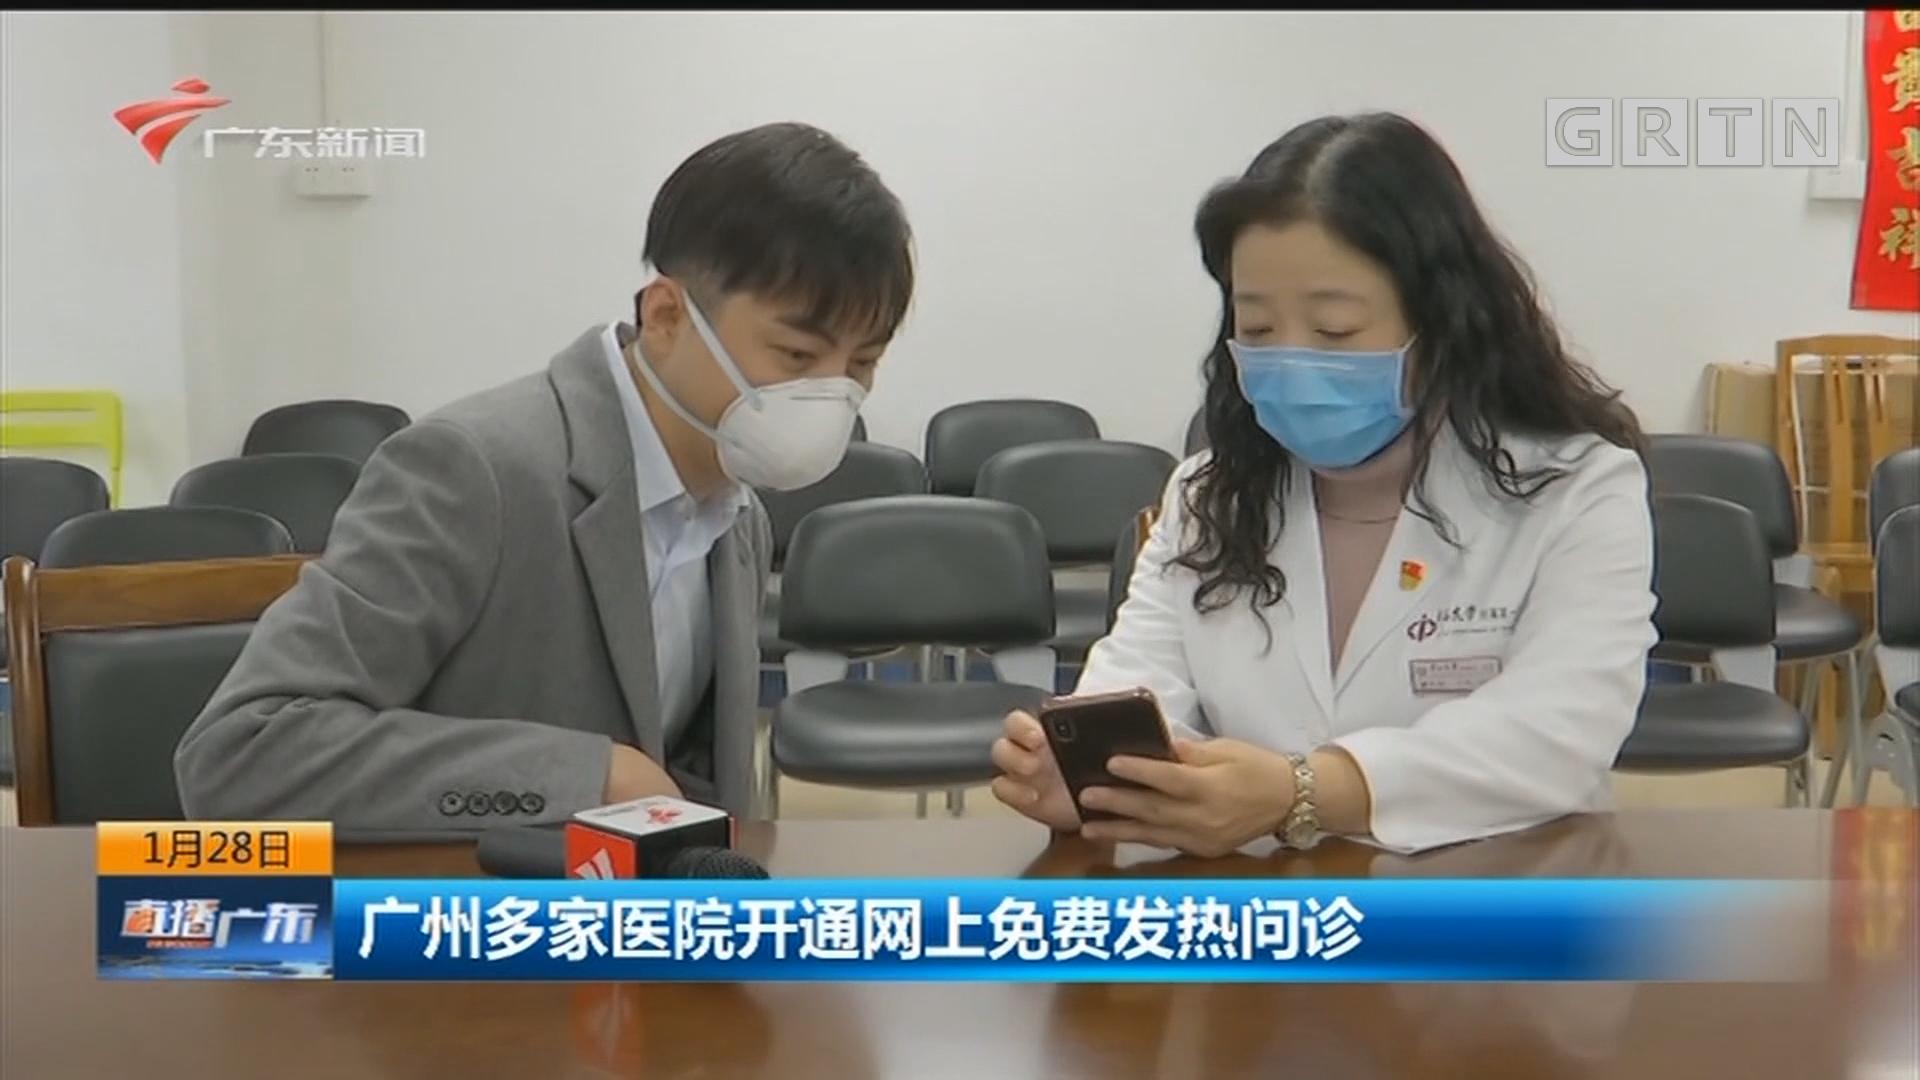 广州多家医院开通网上免费发热问诊